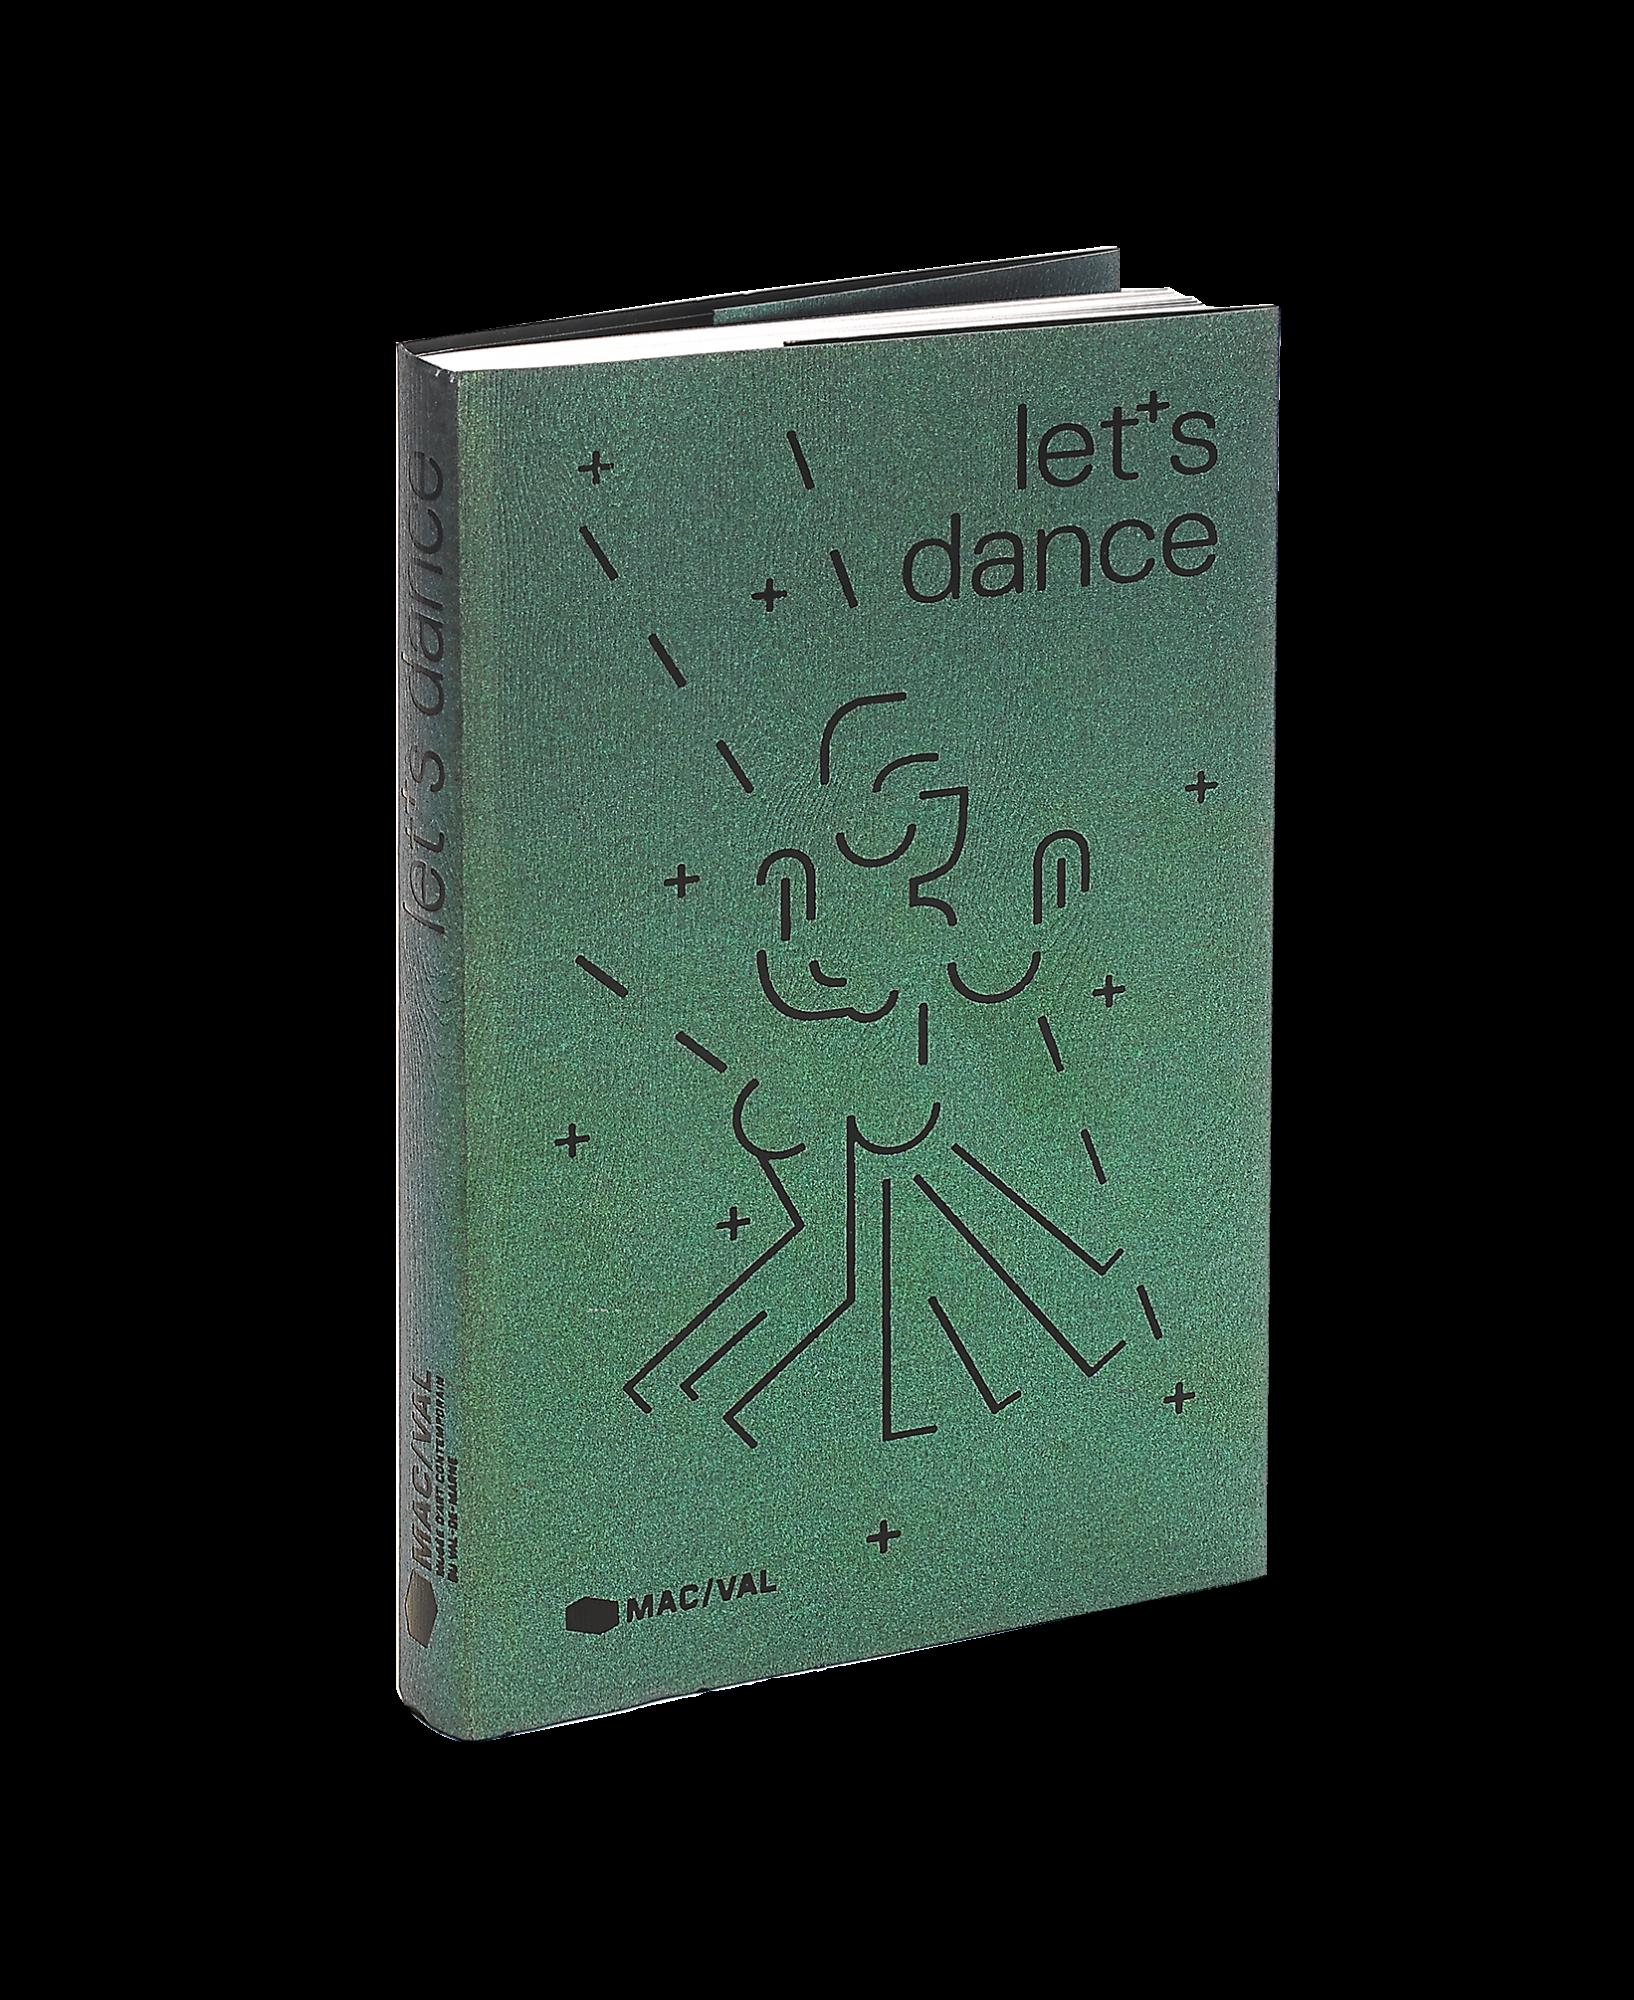 dA-book_0413